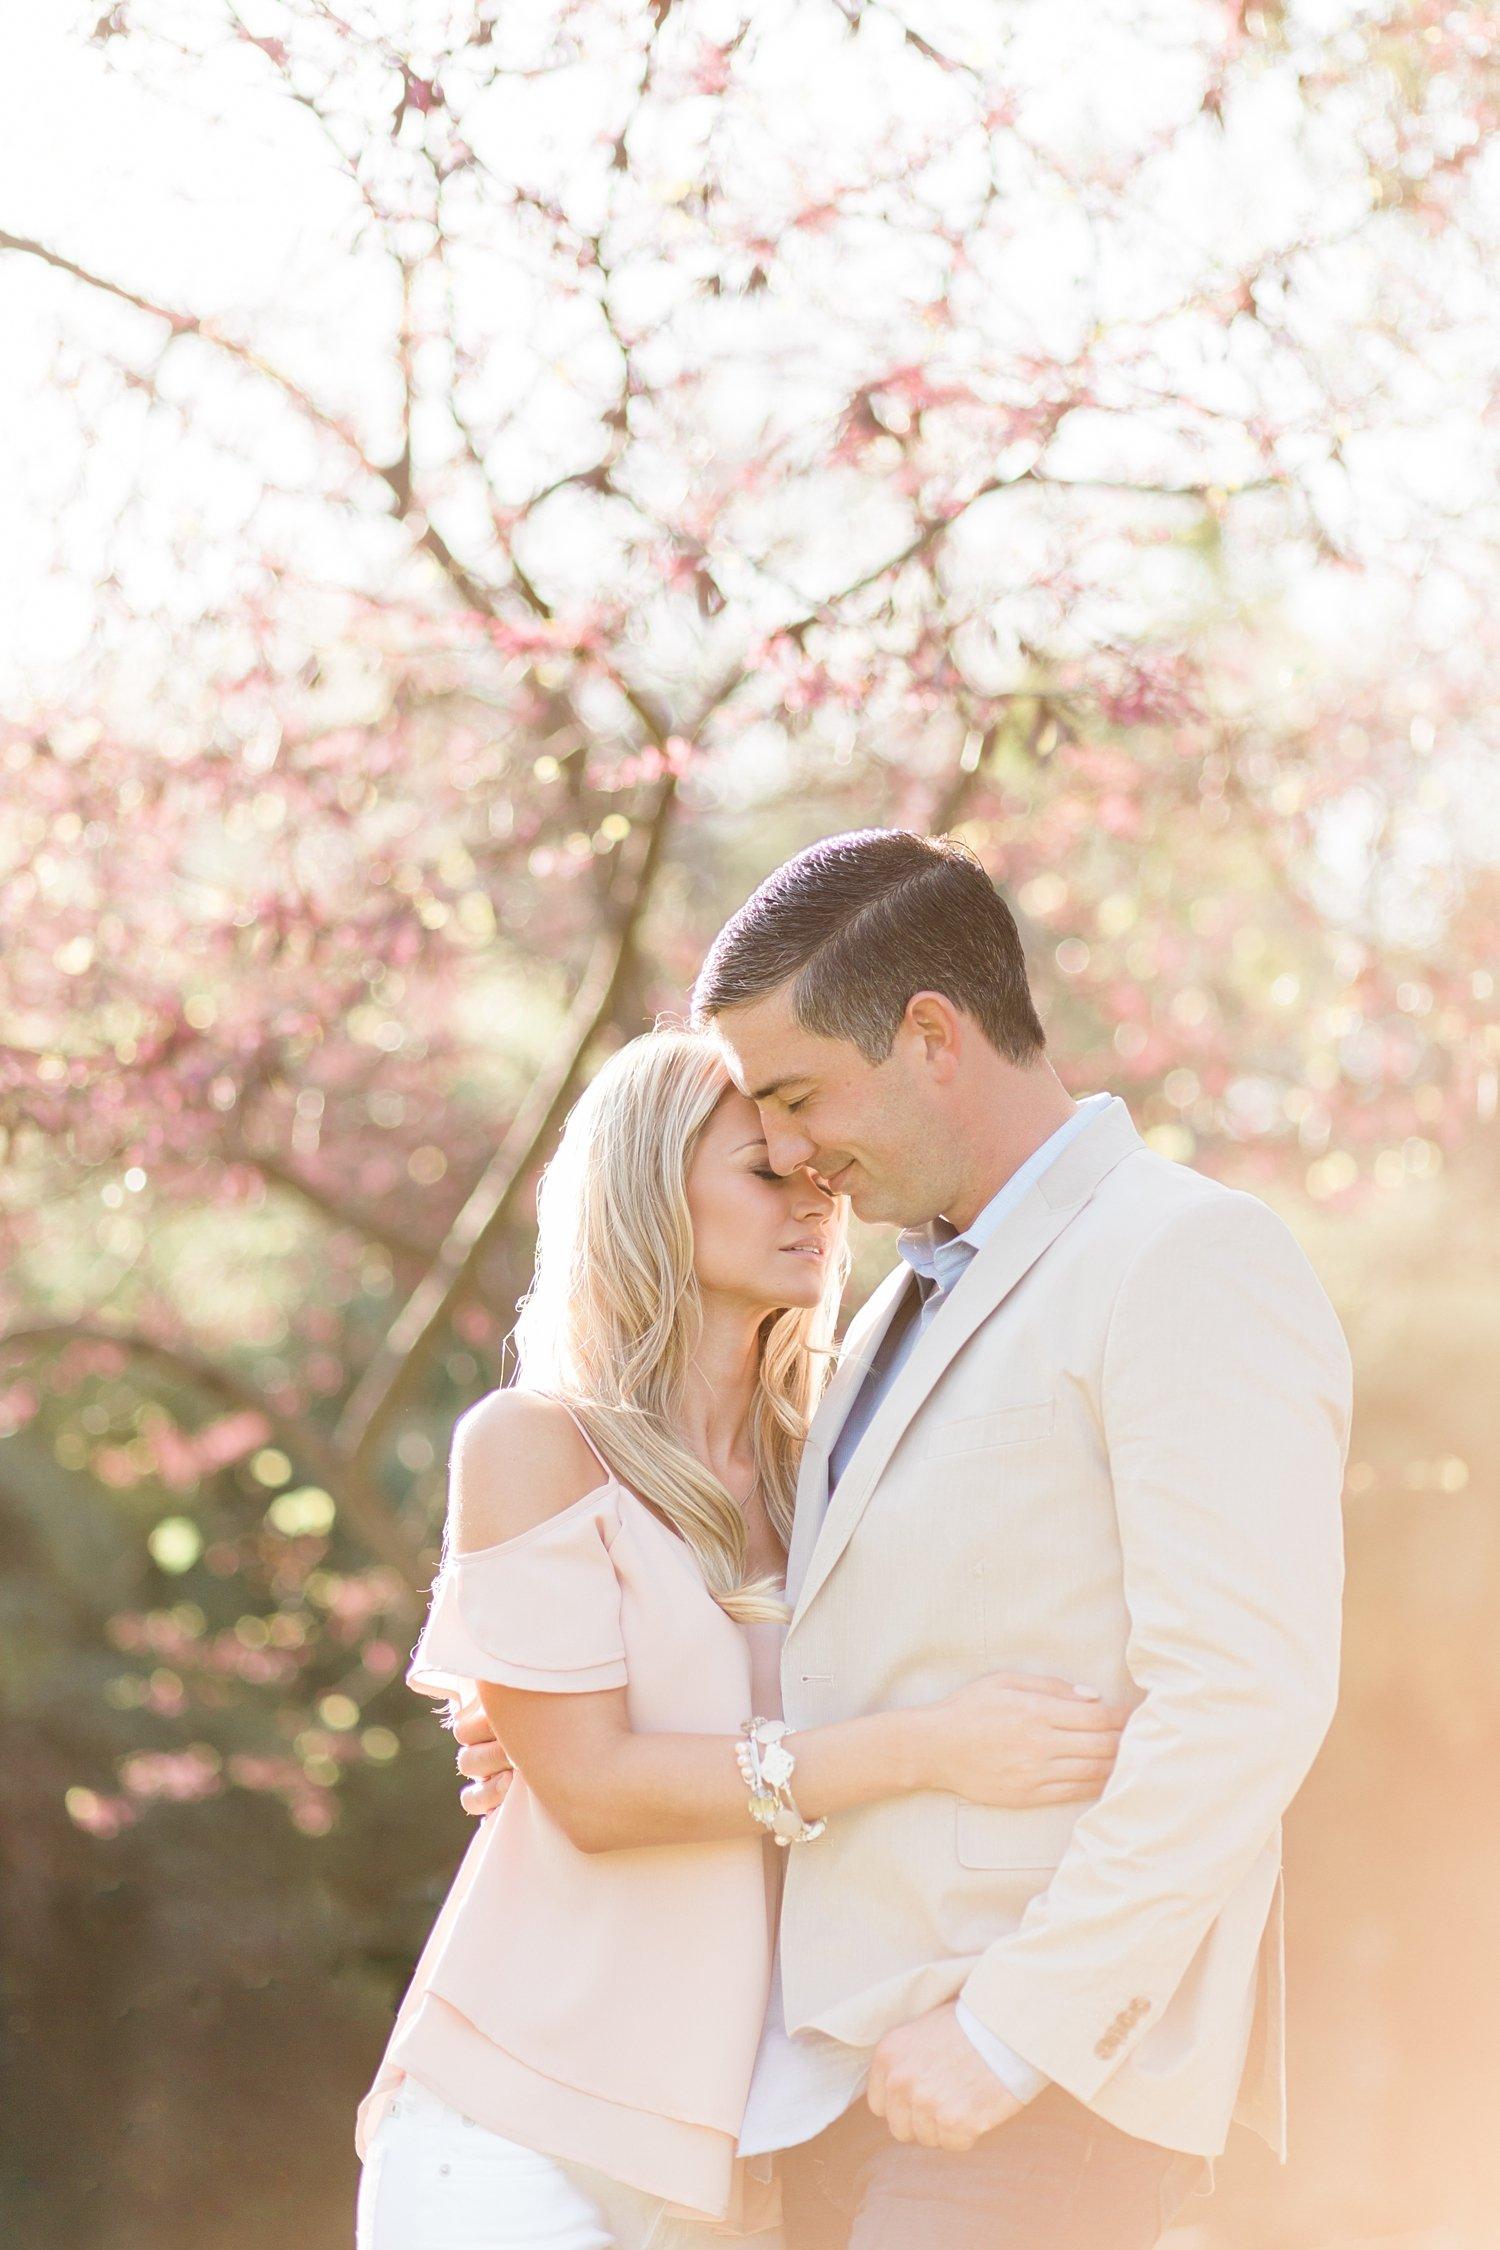 highland-park-wedding-photographer-dallas-stephanie-aaron-19